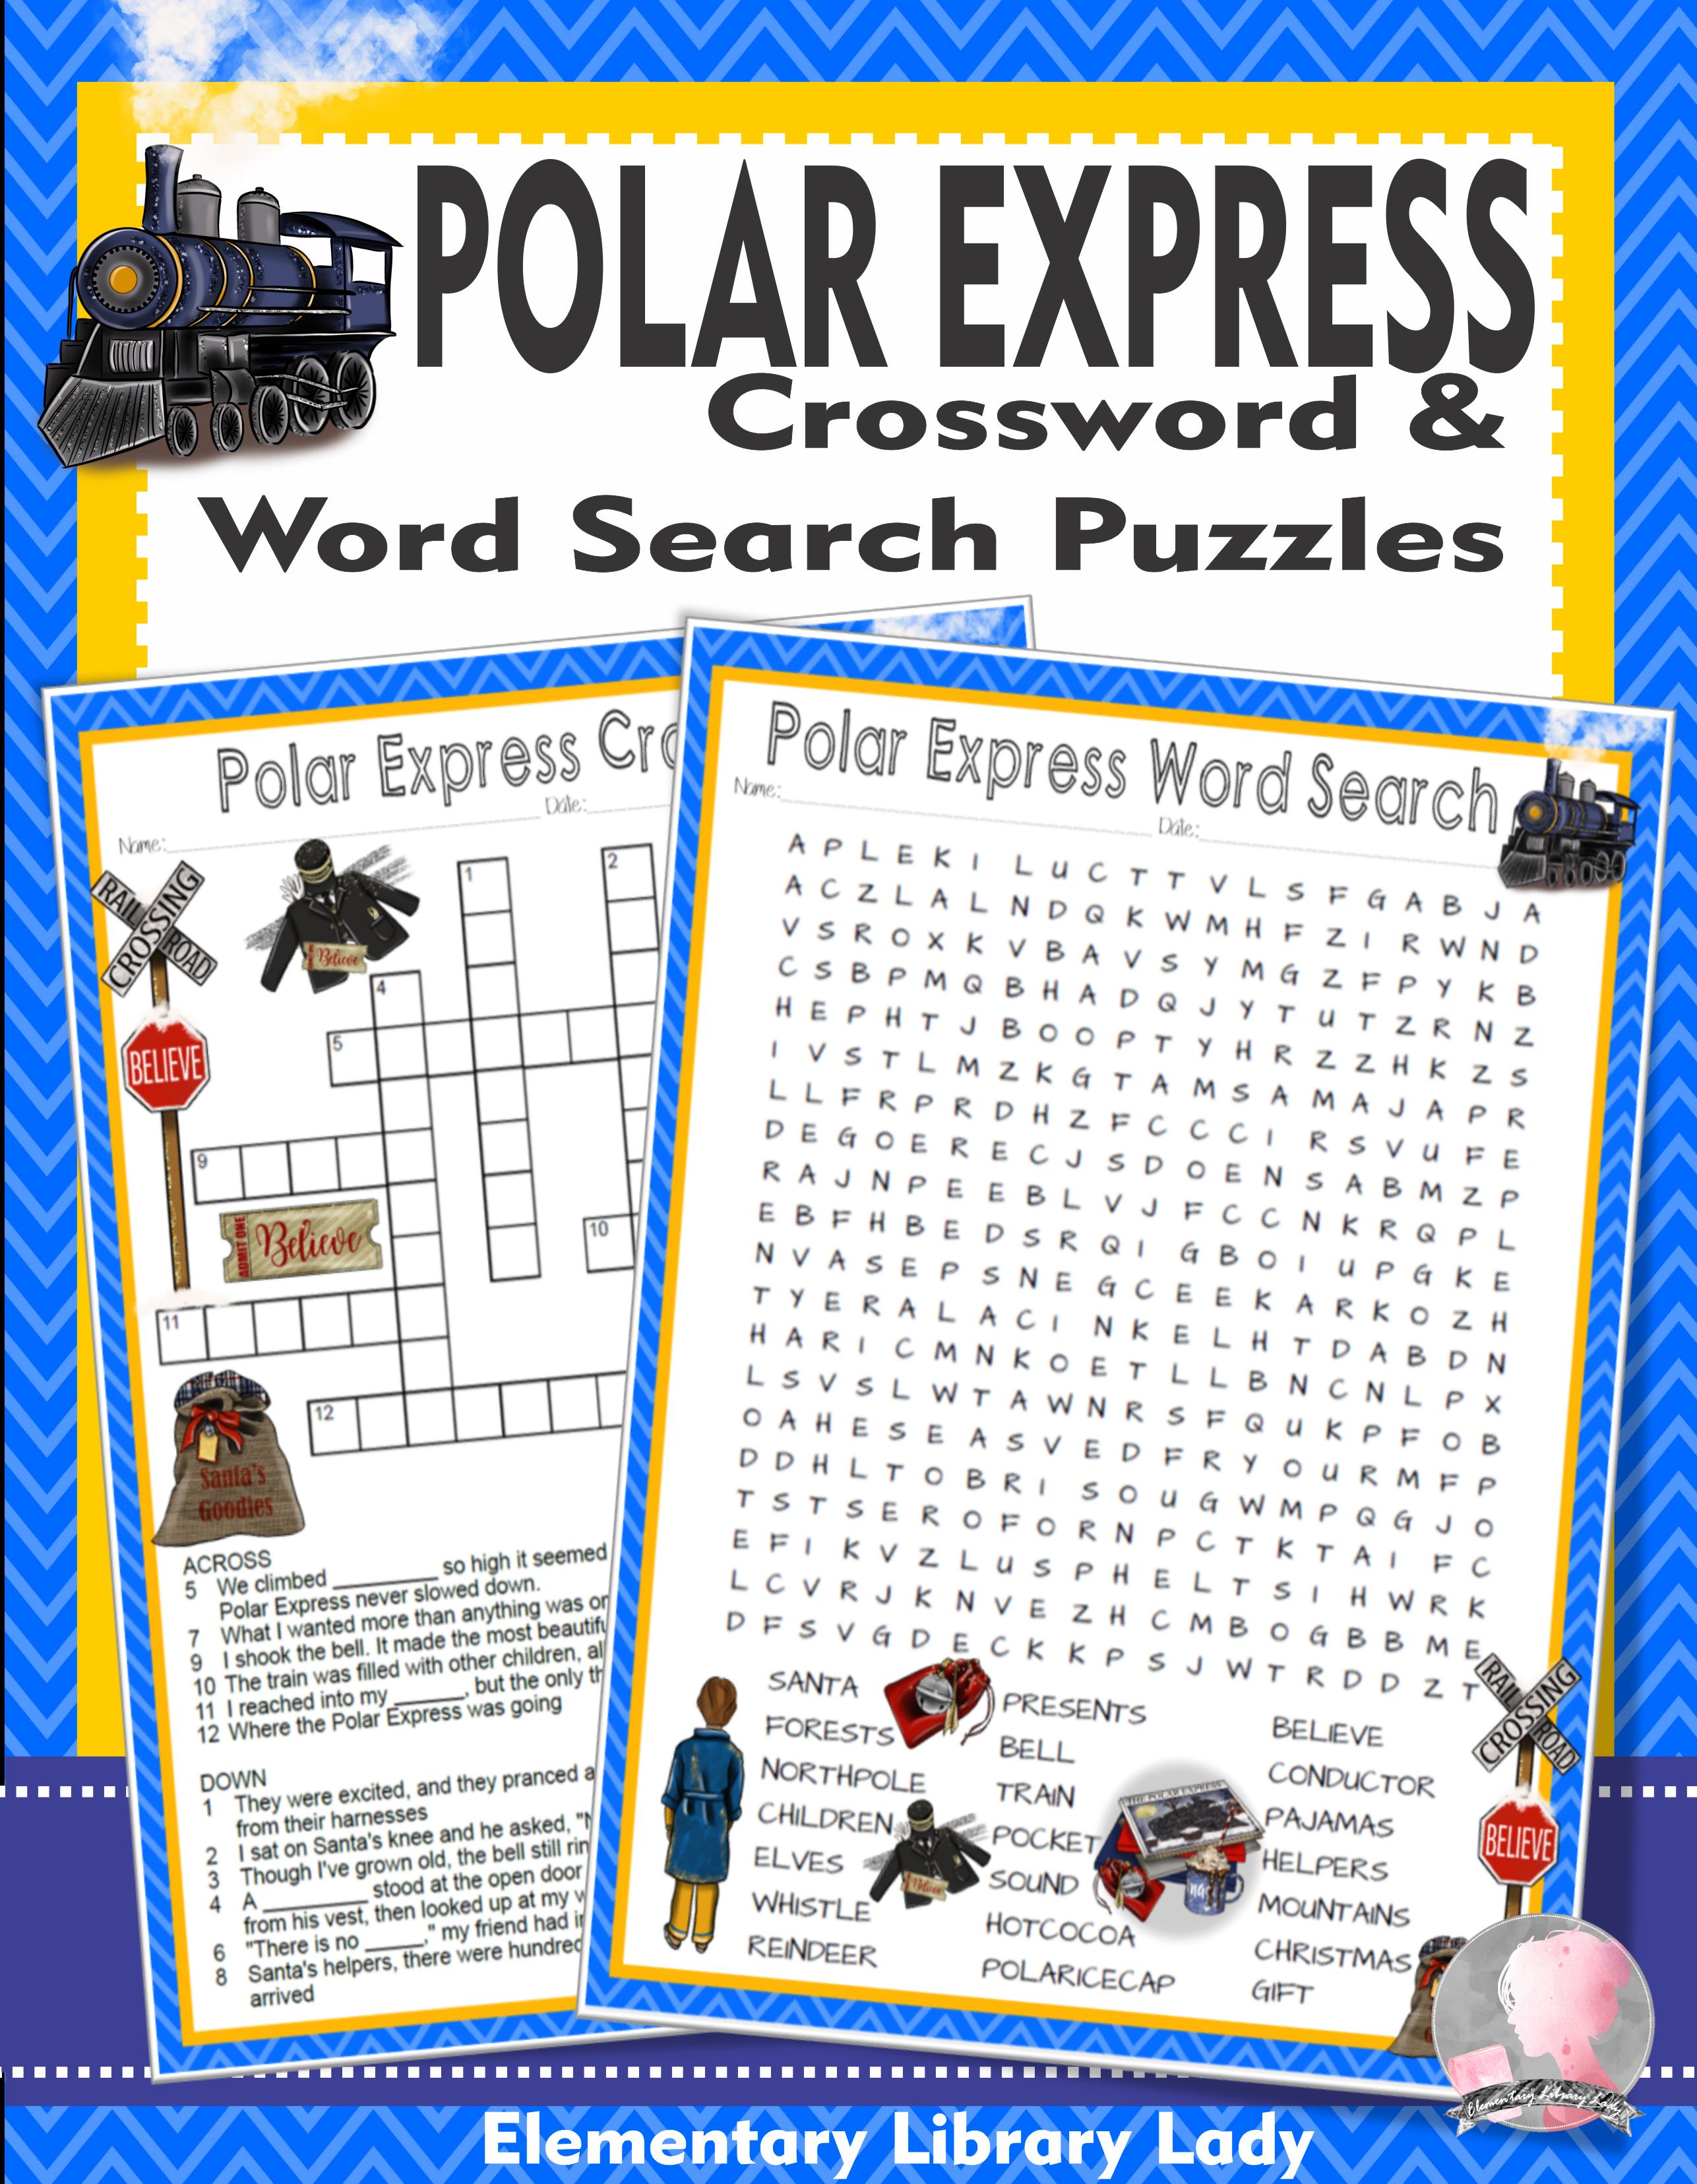 Polar Express Activities Chris Van Allsburg Crossword